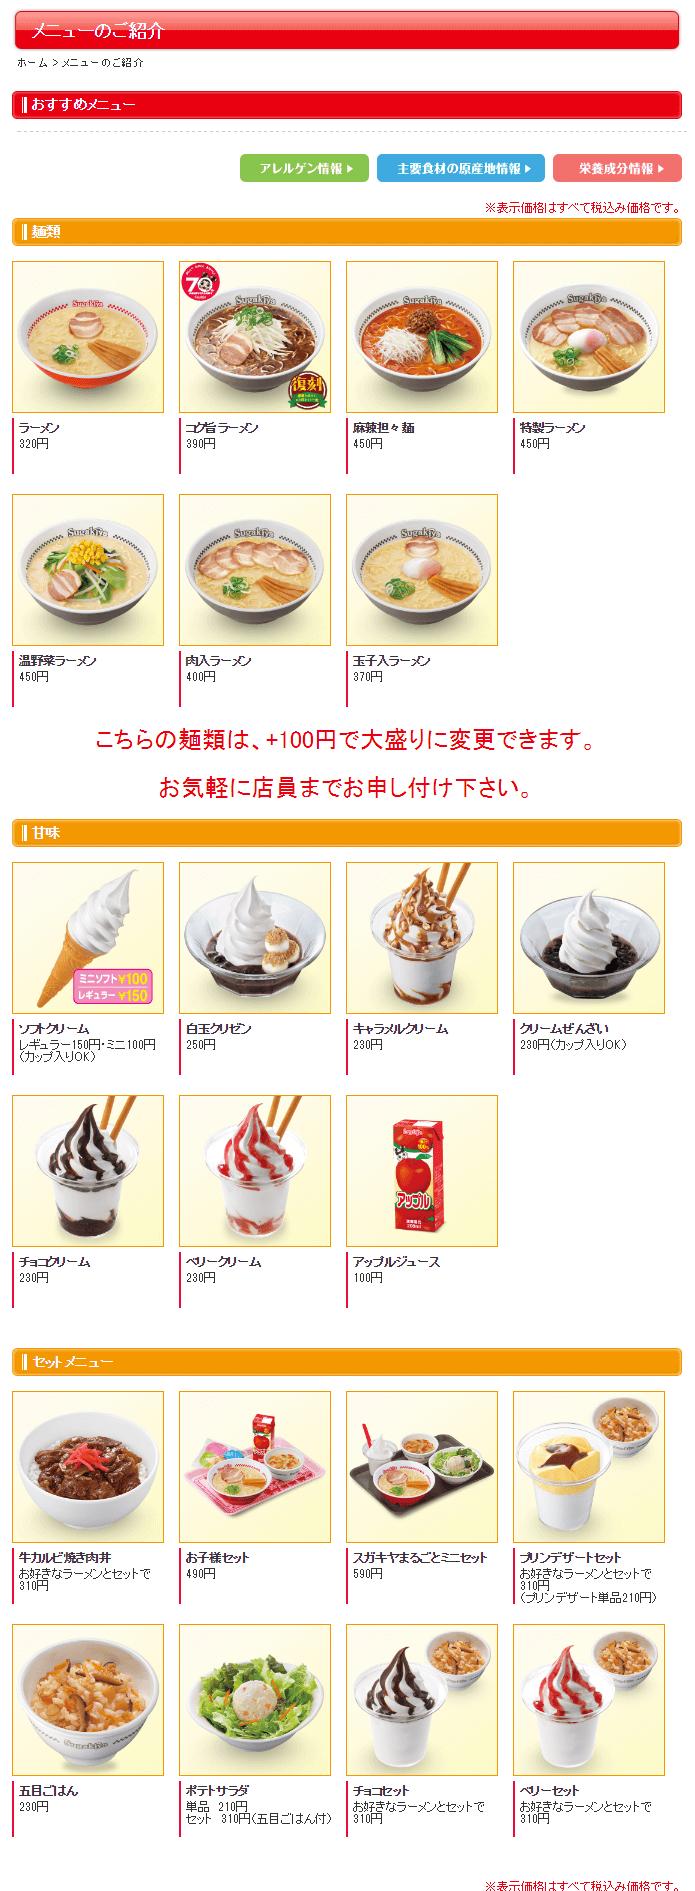 名古屋めし スガキヤ メニュー